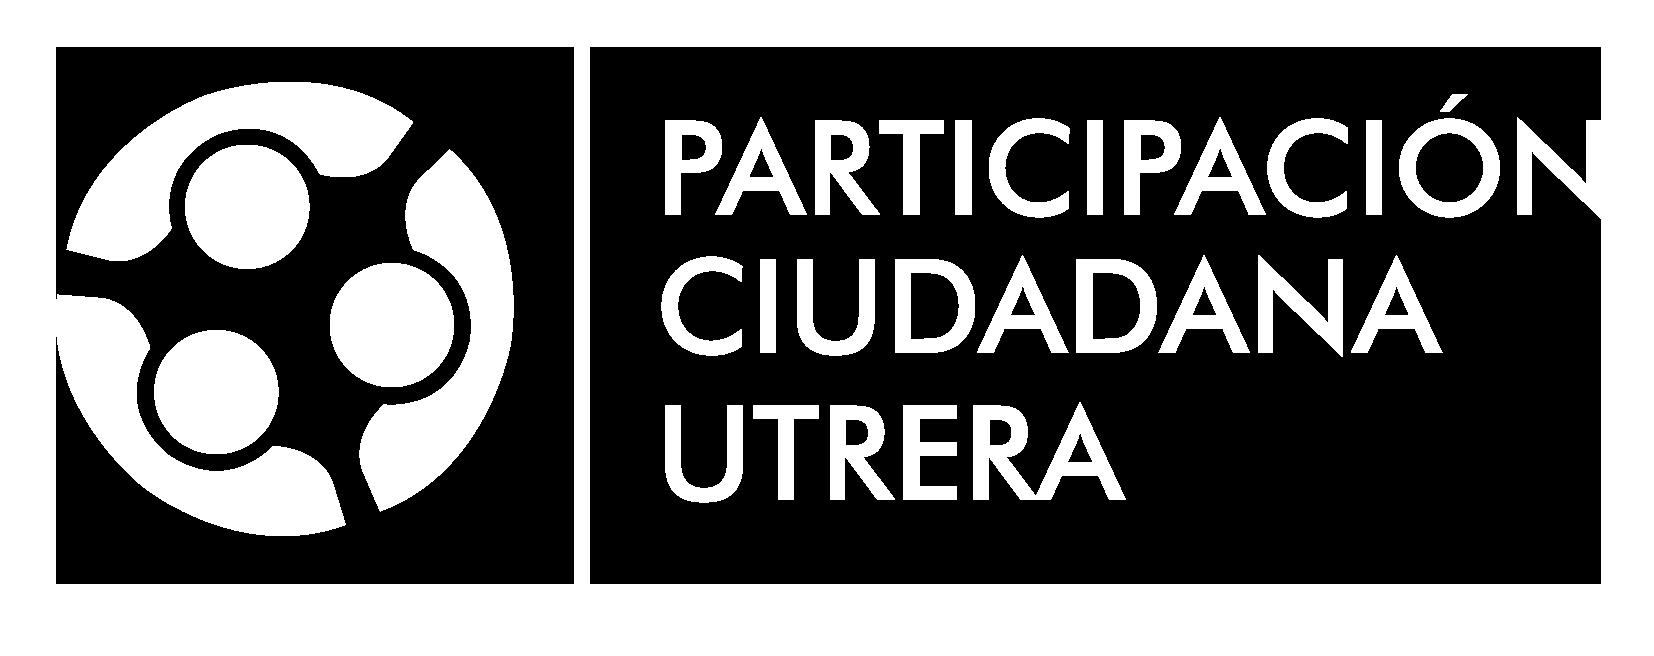 Participación Ciudadana Utrera